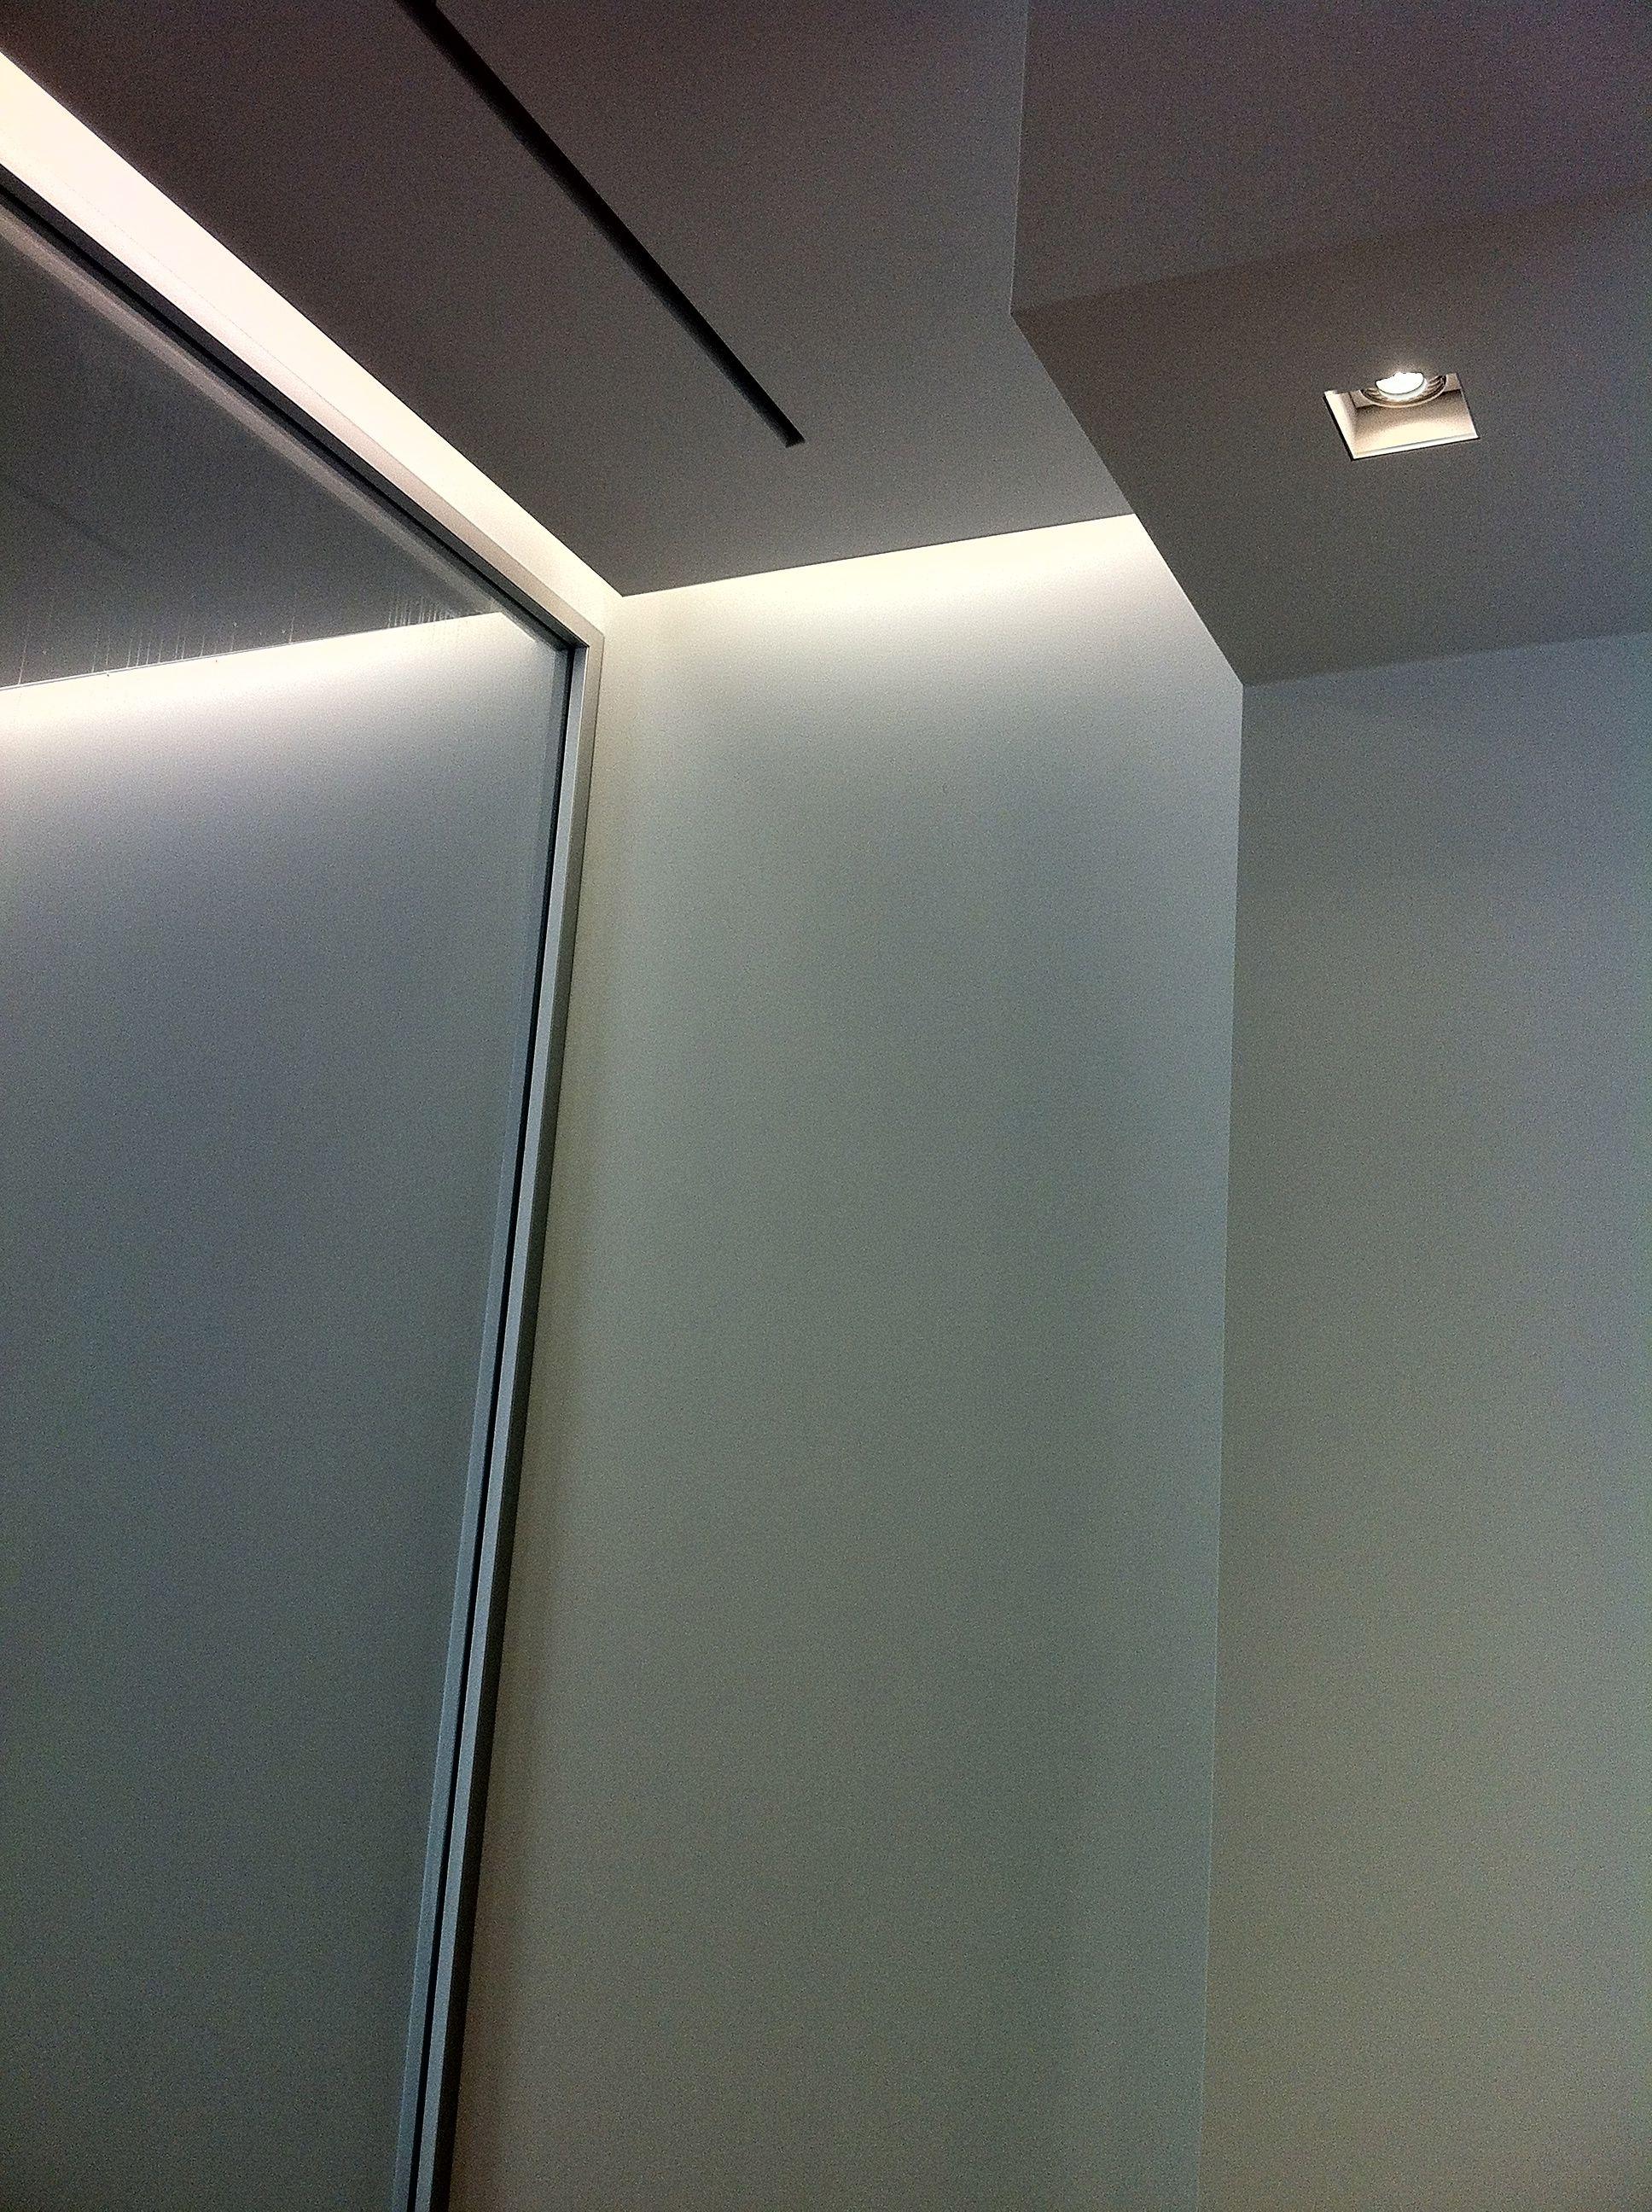 indirect lighting design. Elegant Indirect Lighting Combined With Sleek Design, Showroom In Belgium _ Design